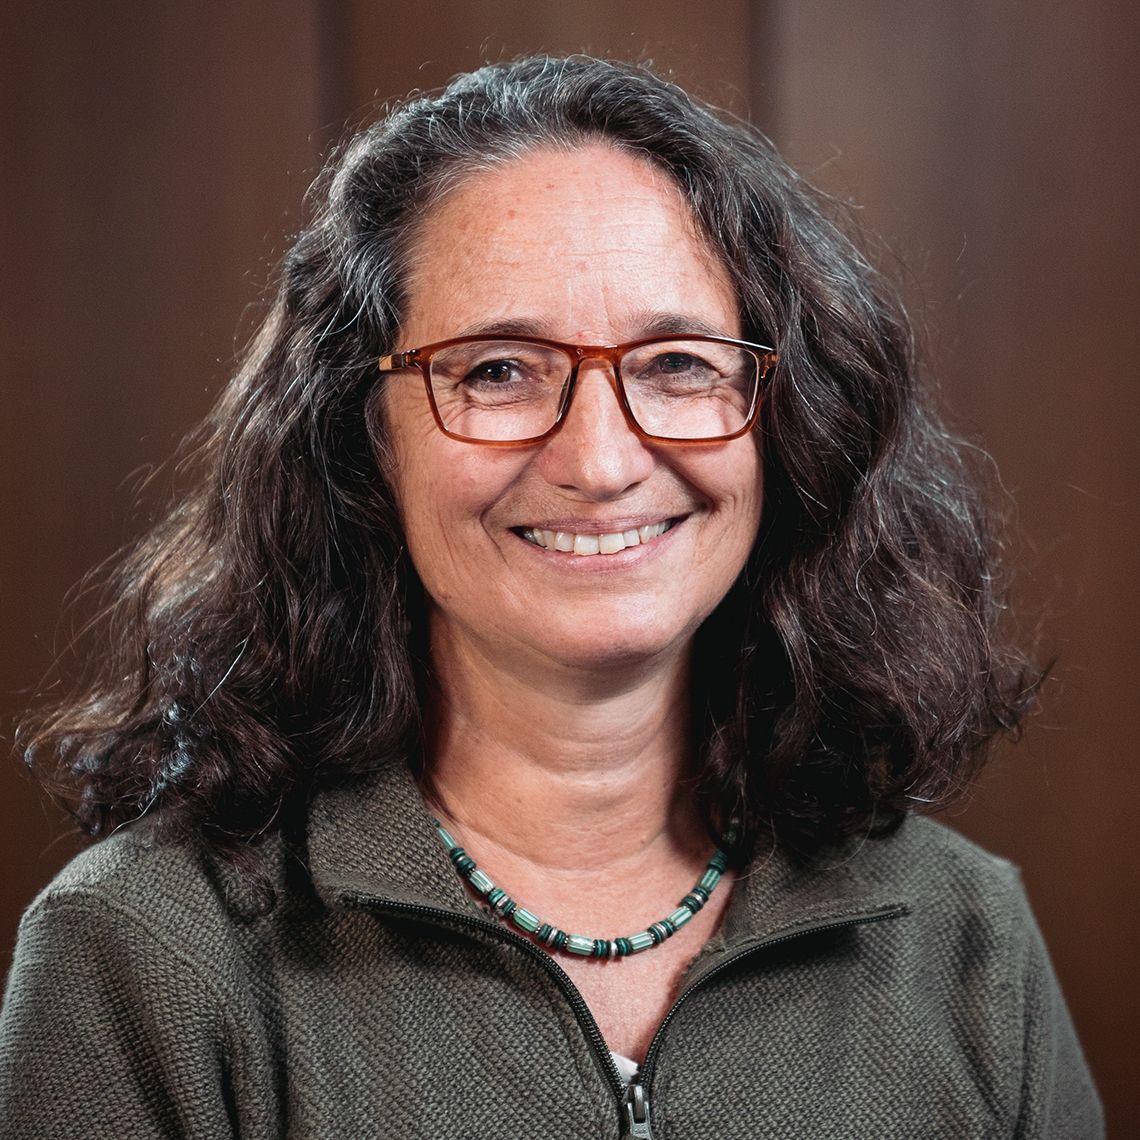 Dr Lynne Elson